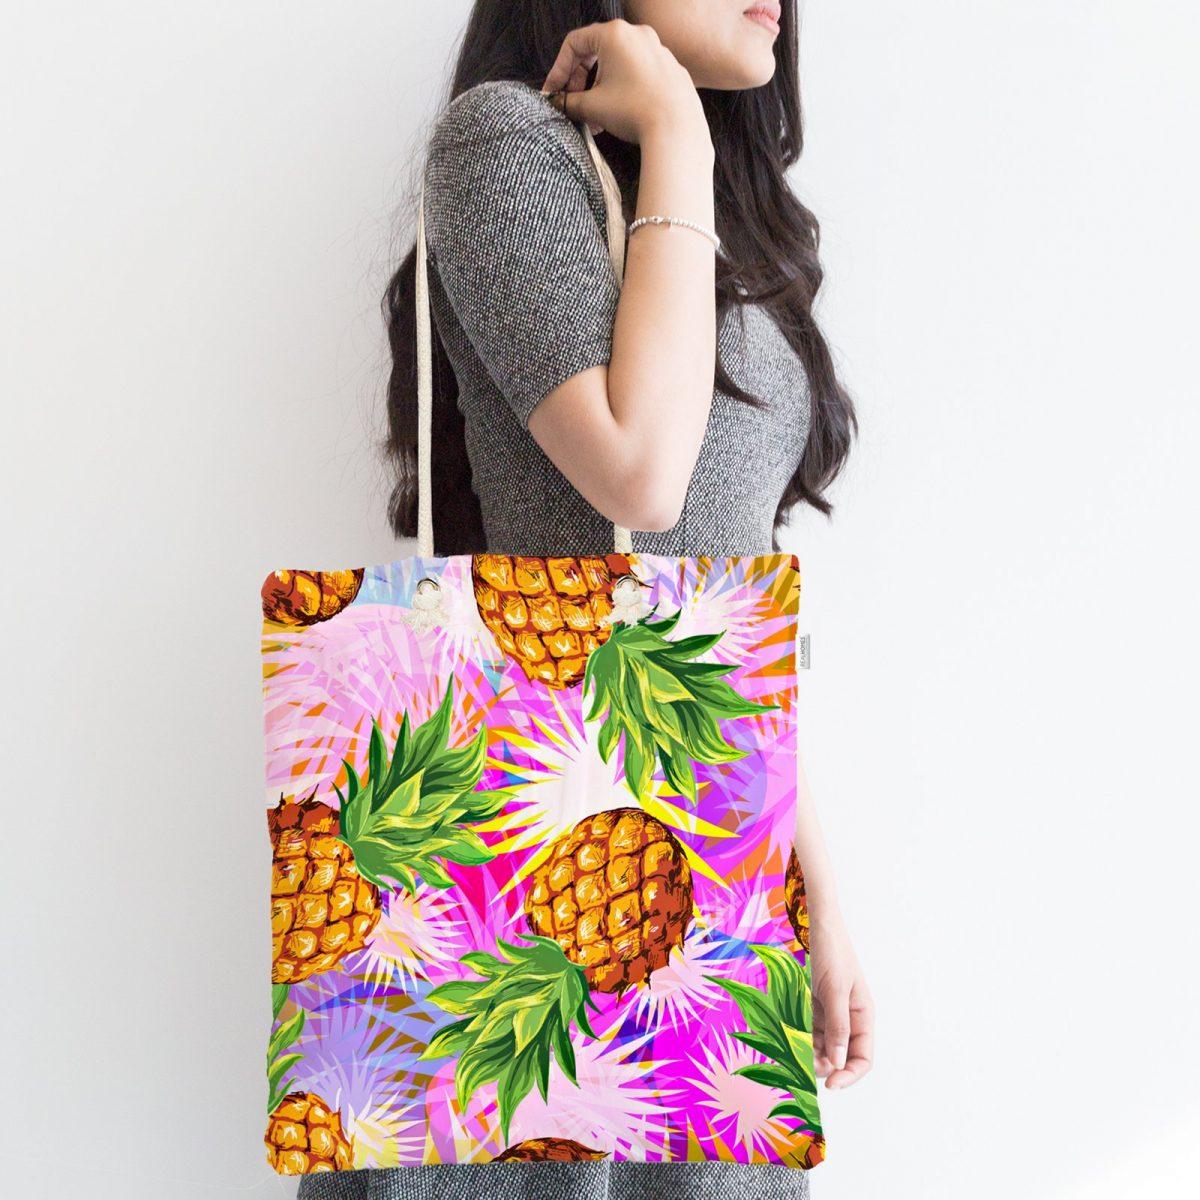 Pembe Zeminde Ananaslar Özel Tasarımlı Modern Fermuarlı Kumaş Çanta Realhomes